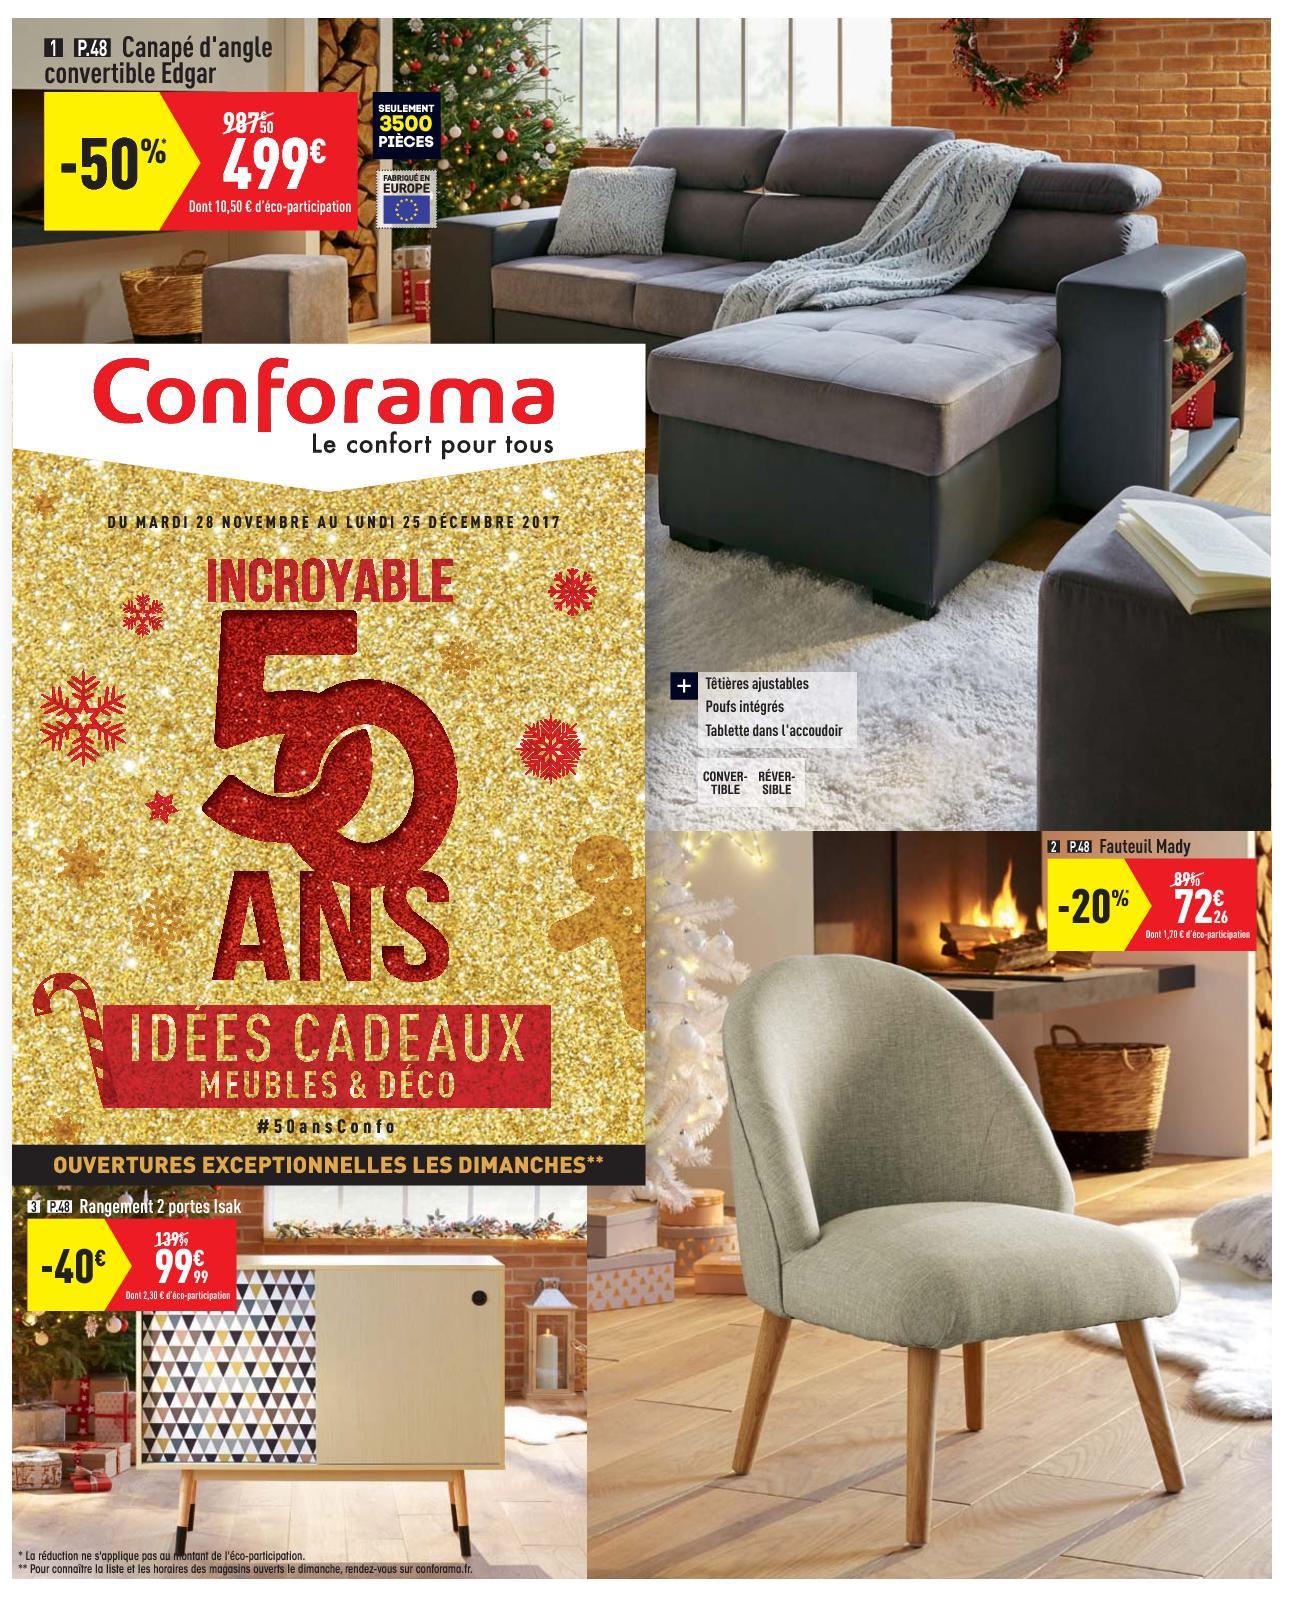 Conforama 50Ans Idees Cadeaux - Calameo Downloader intérieur Fauteuil Lit Conforama